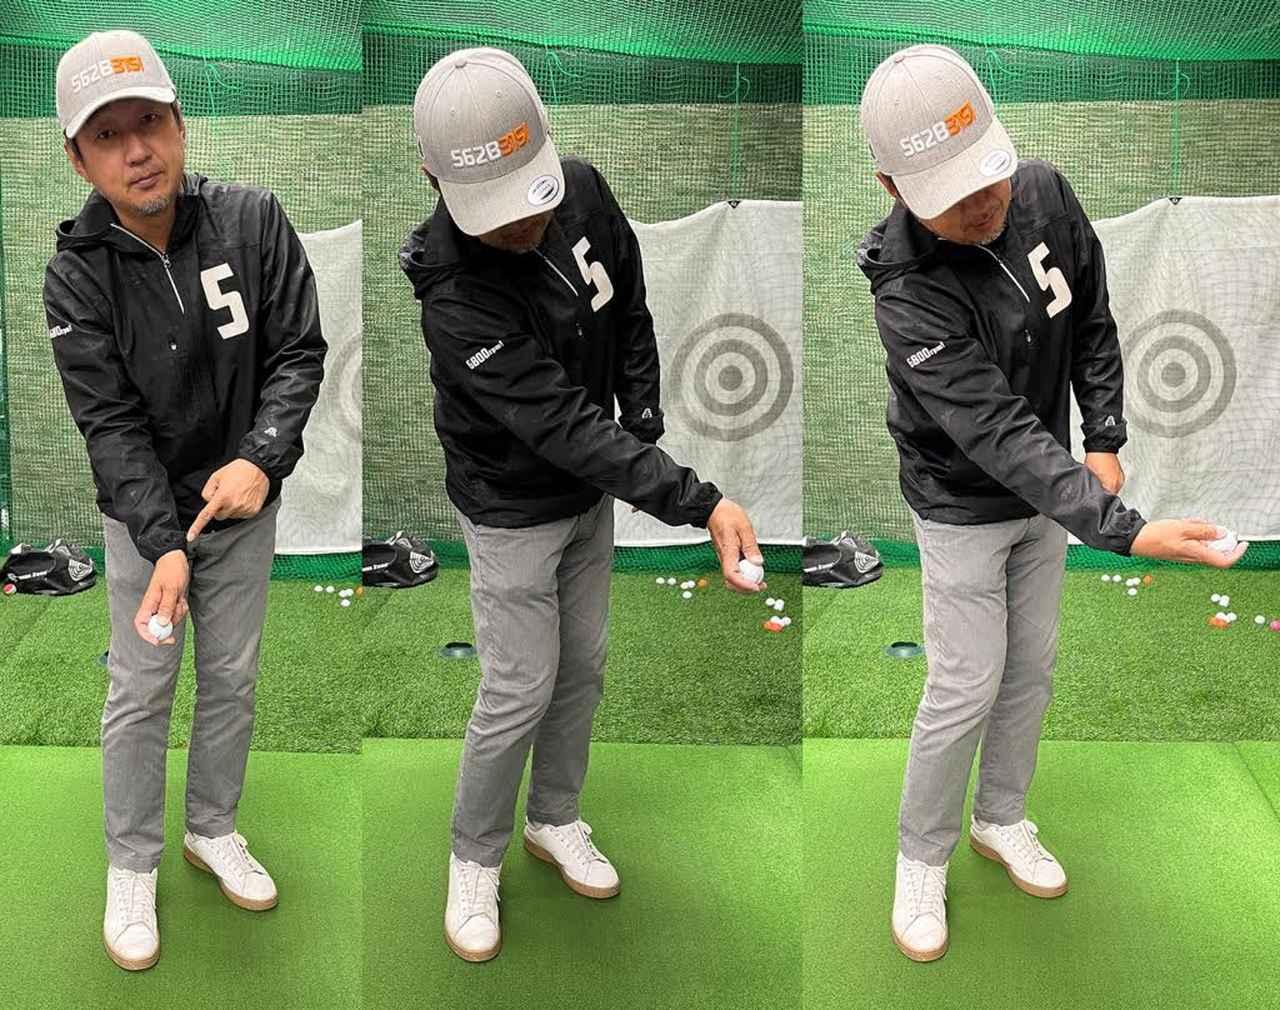 画像: アドレスを作って、その時の右手の角度をキープしたまま、体の回転を使って手に持ったボールをゴミ箱に投げ入れる。右写真のように手首を使ってはダメ